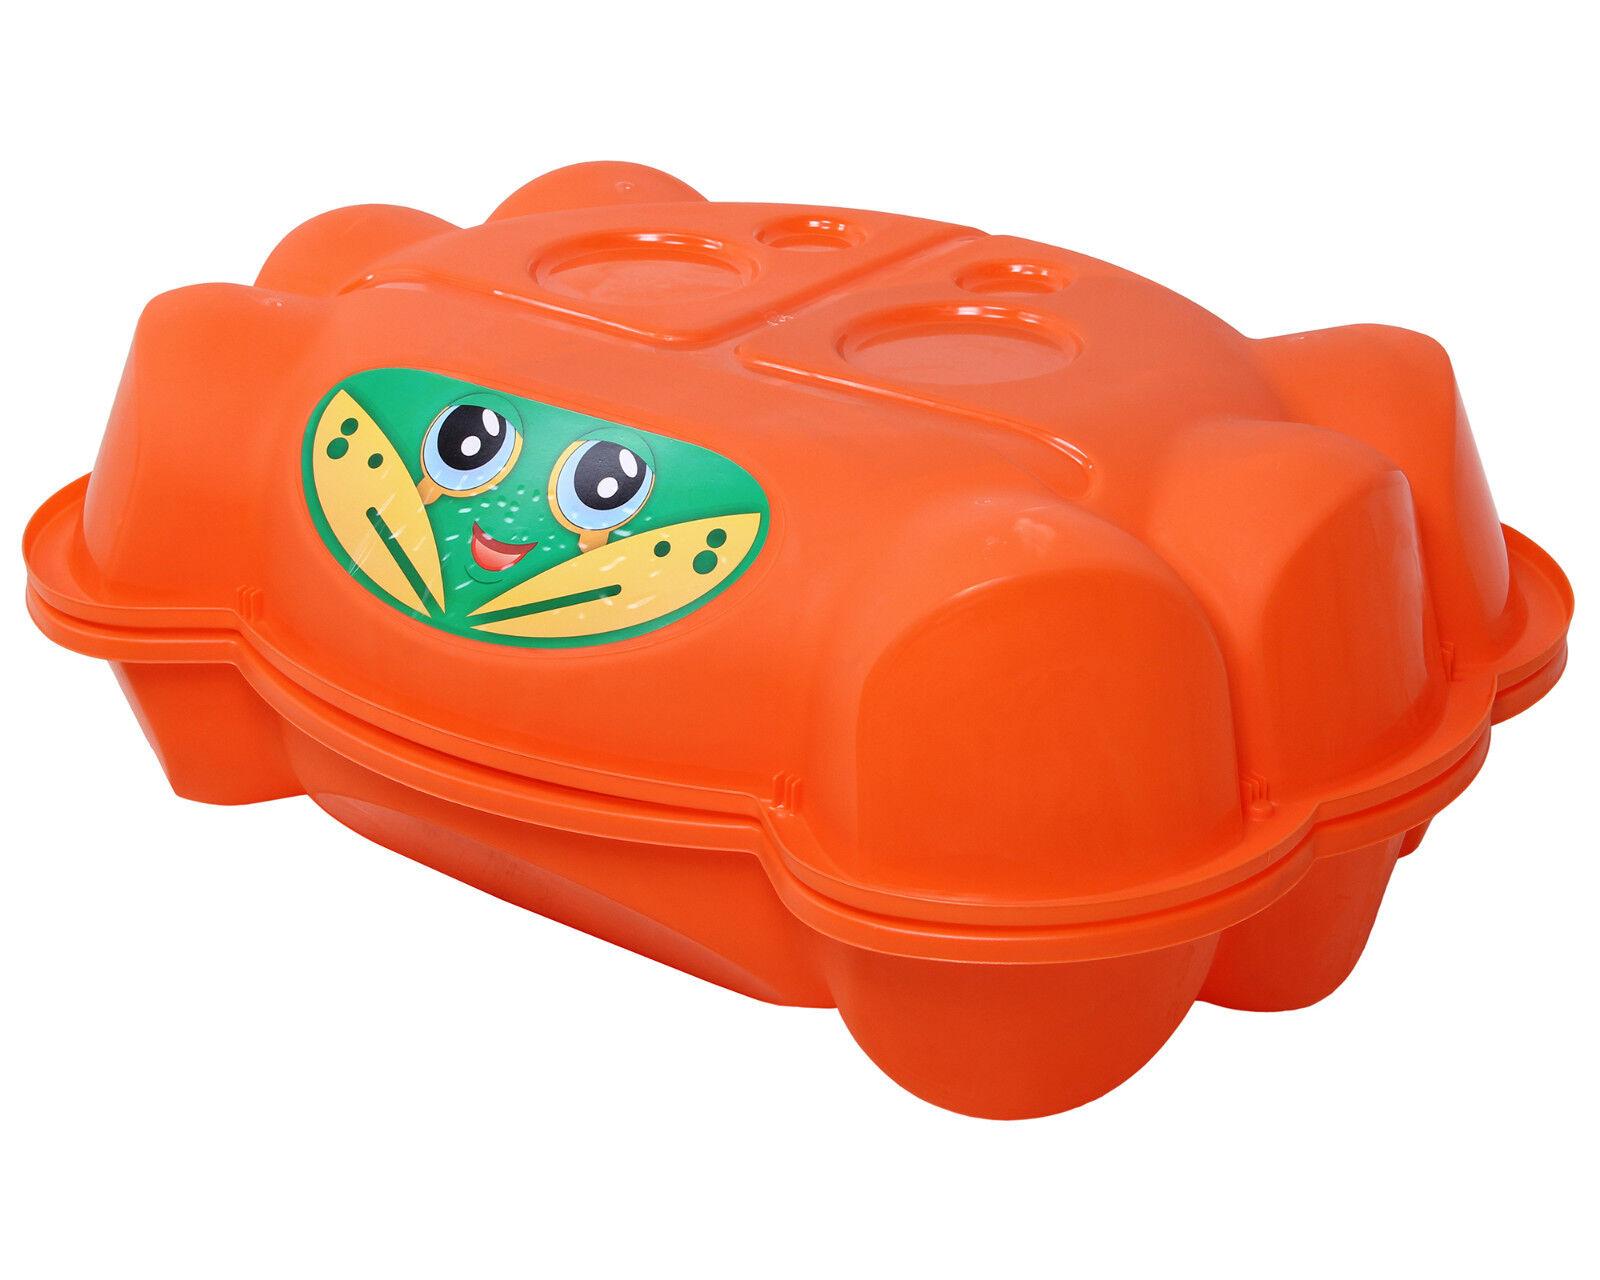 Sandkasten Krabbe mit Deckel Planschbecken für Kinder Sandkiste Buddelkasten